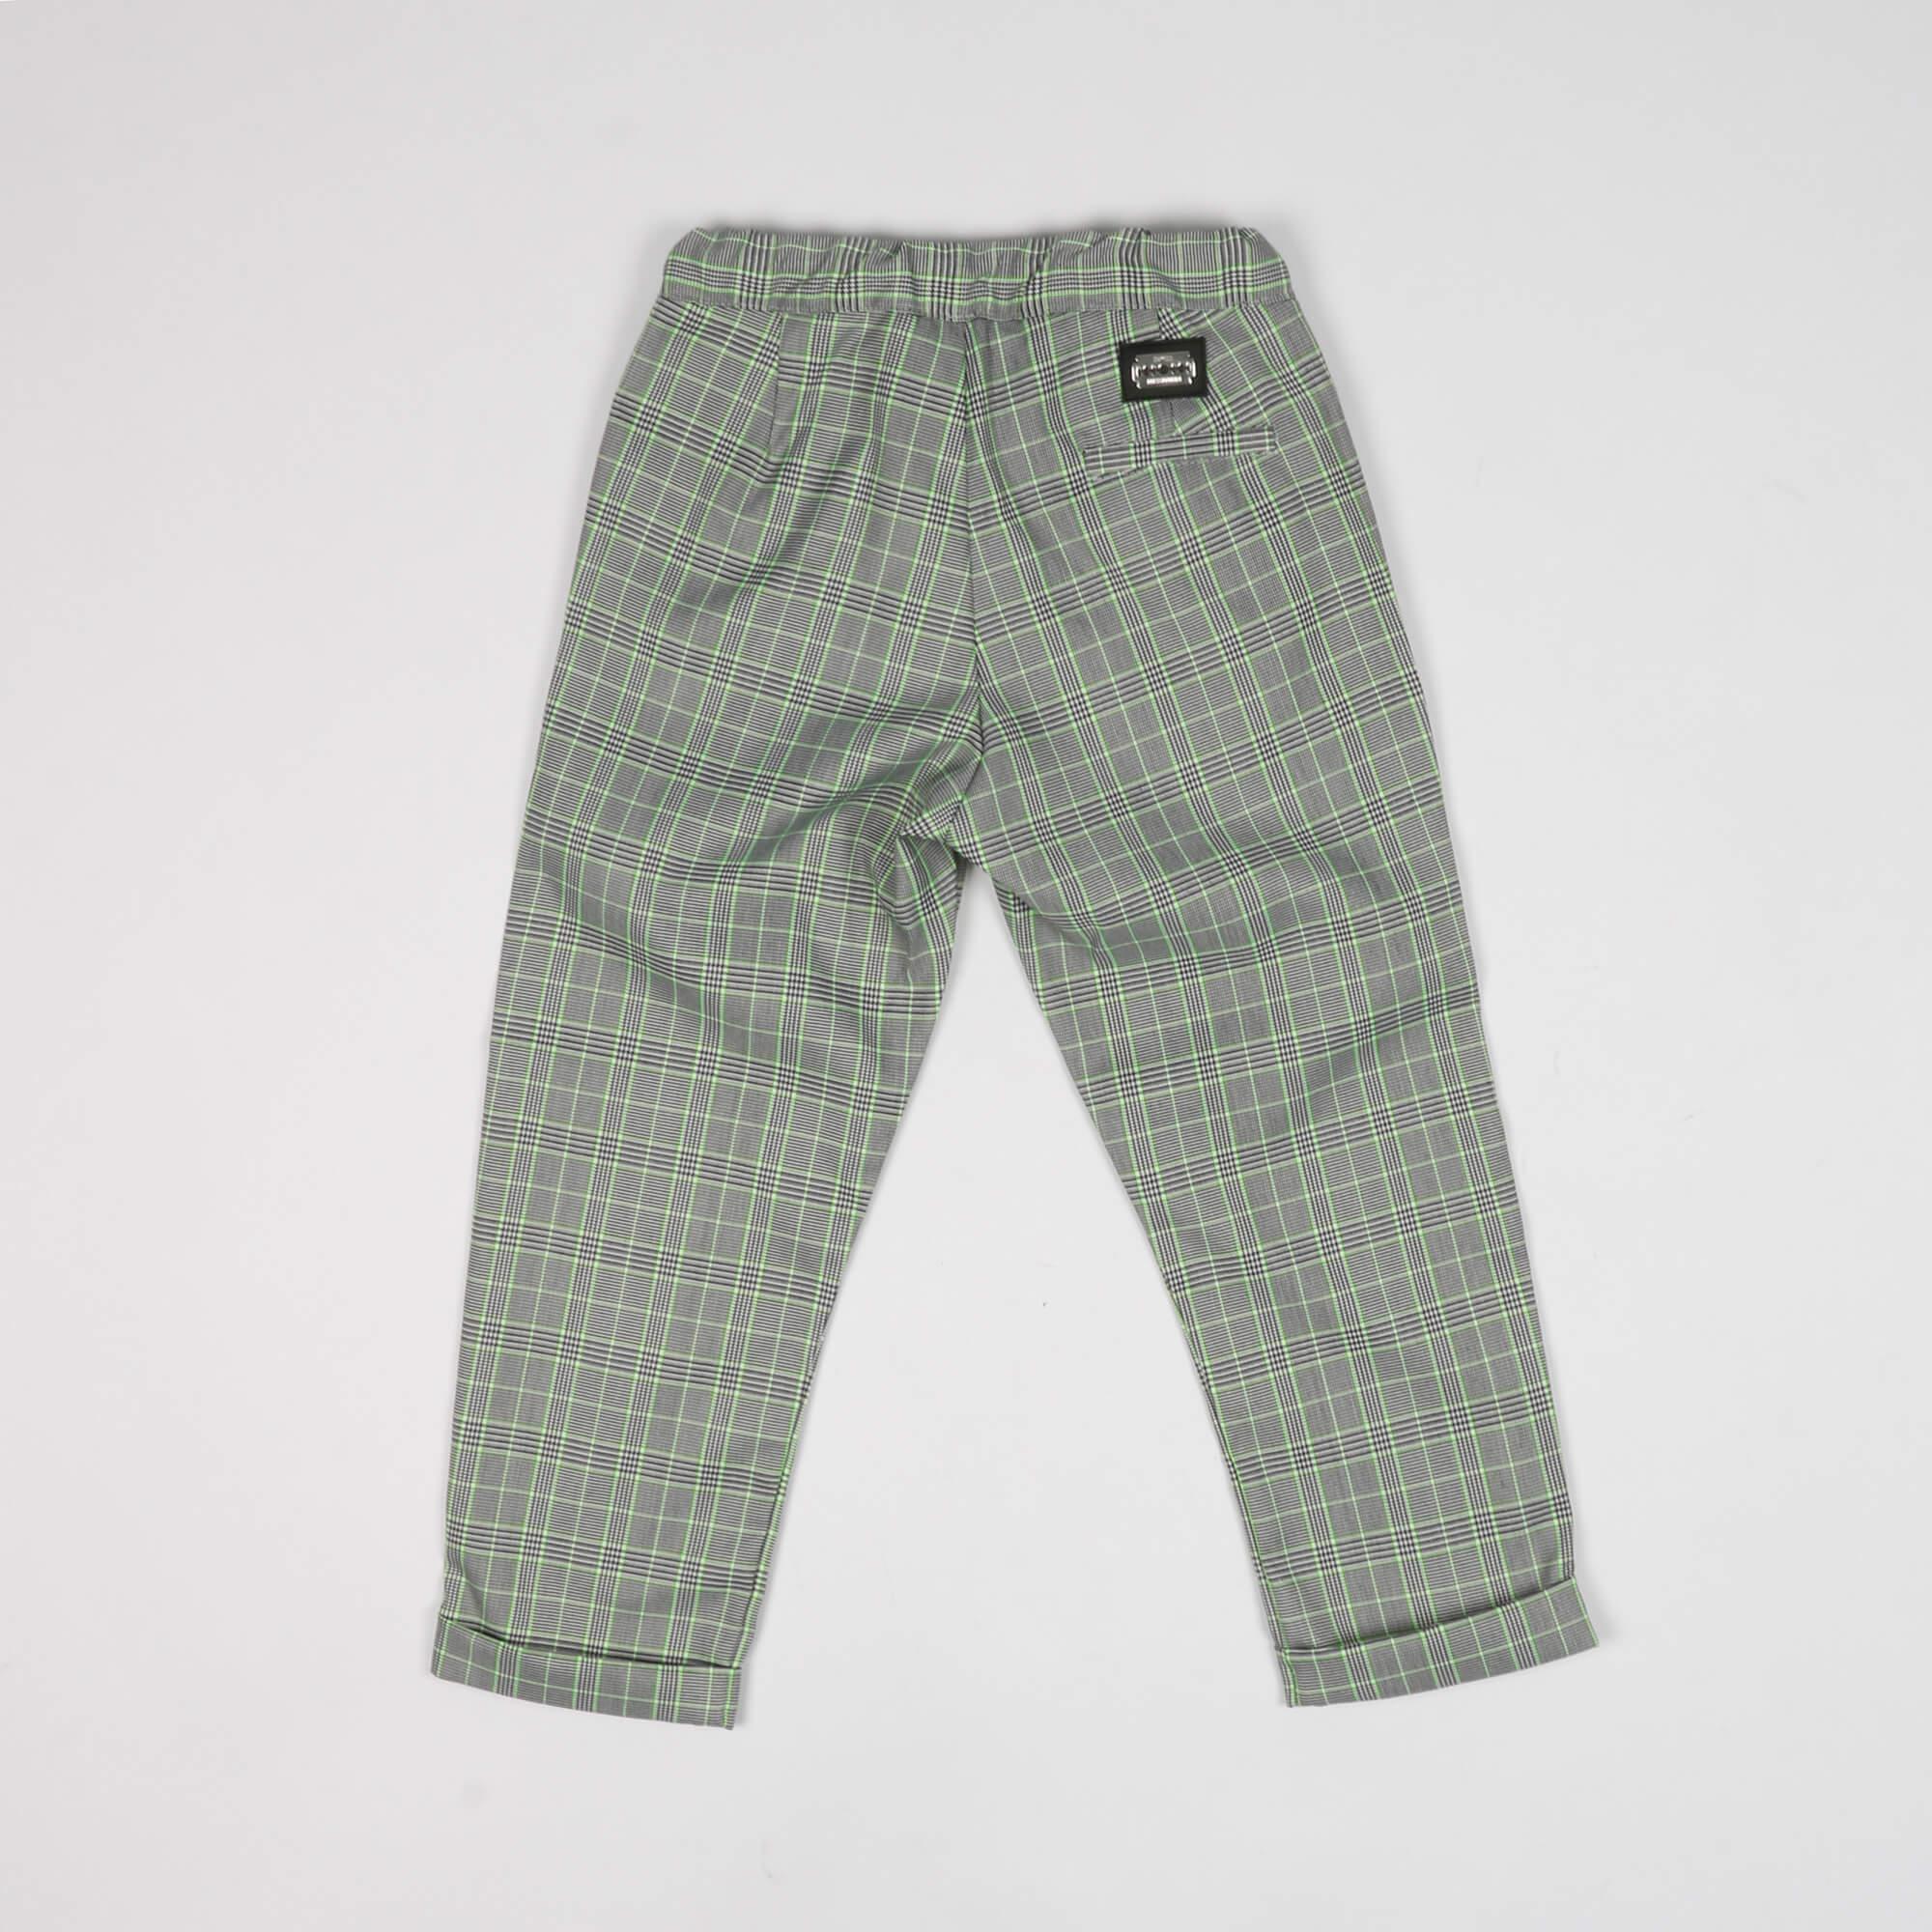 Pantalone check dettagli fluo - Nero/ Verde